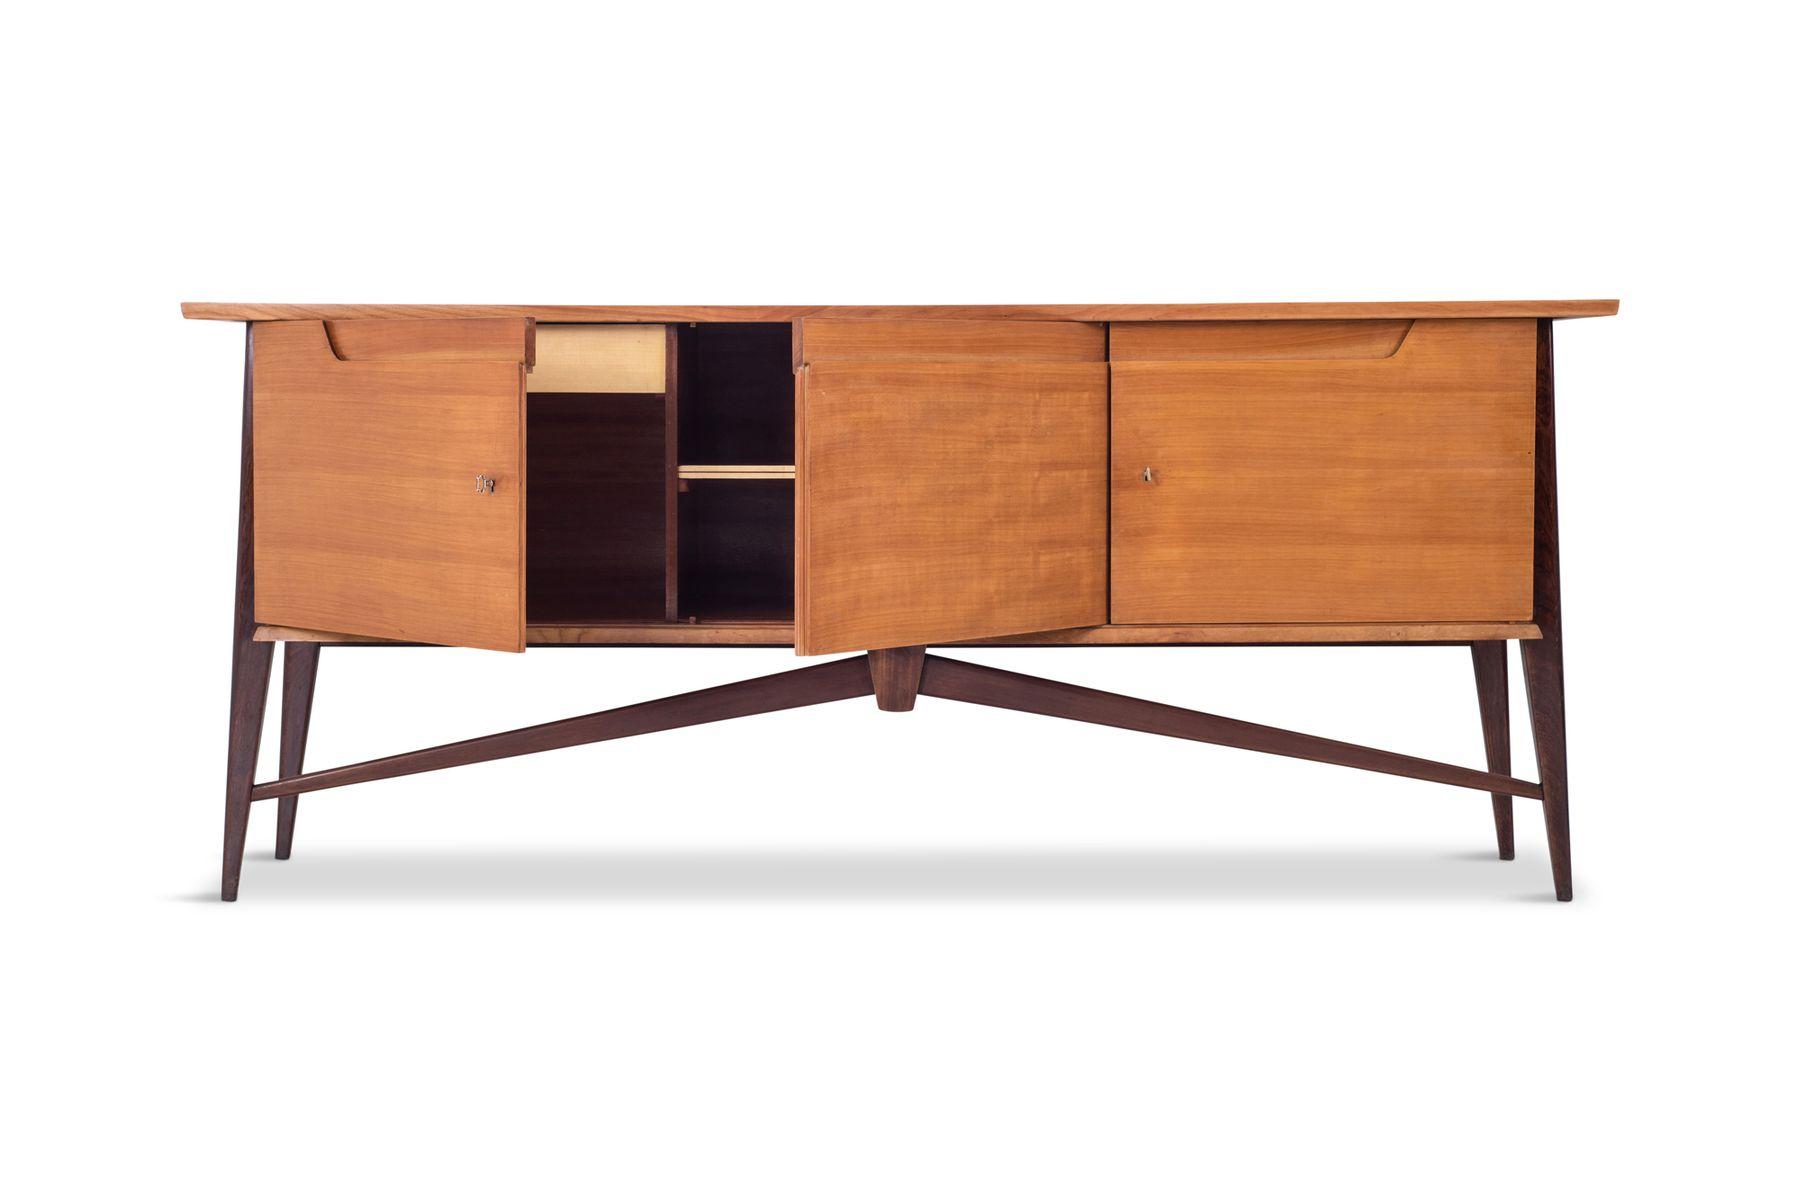 Credenza Moderna Ciliegio : Credenza mid century moderna bicolore di de coene in vendita su pamono